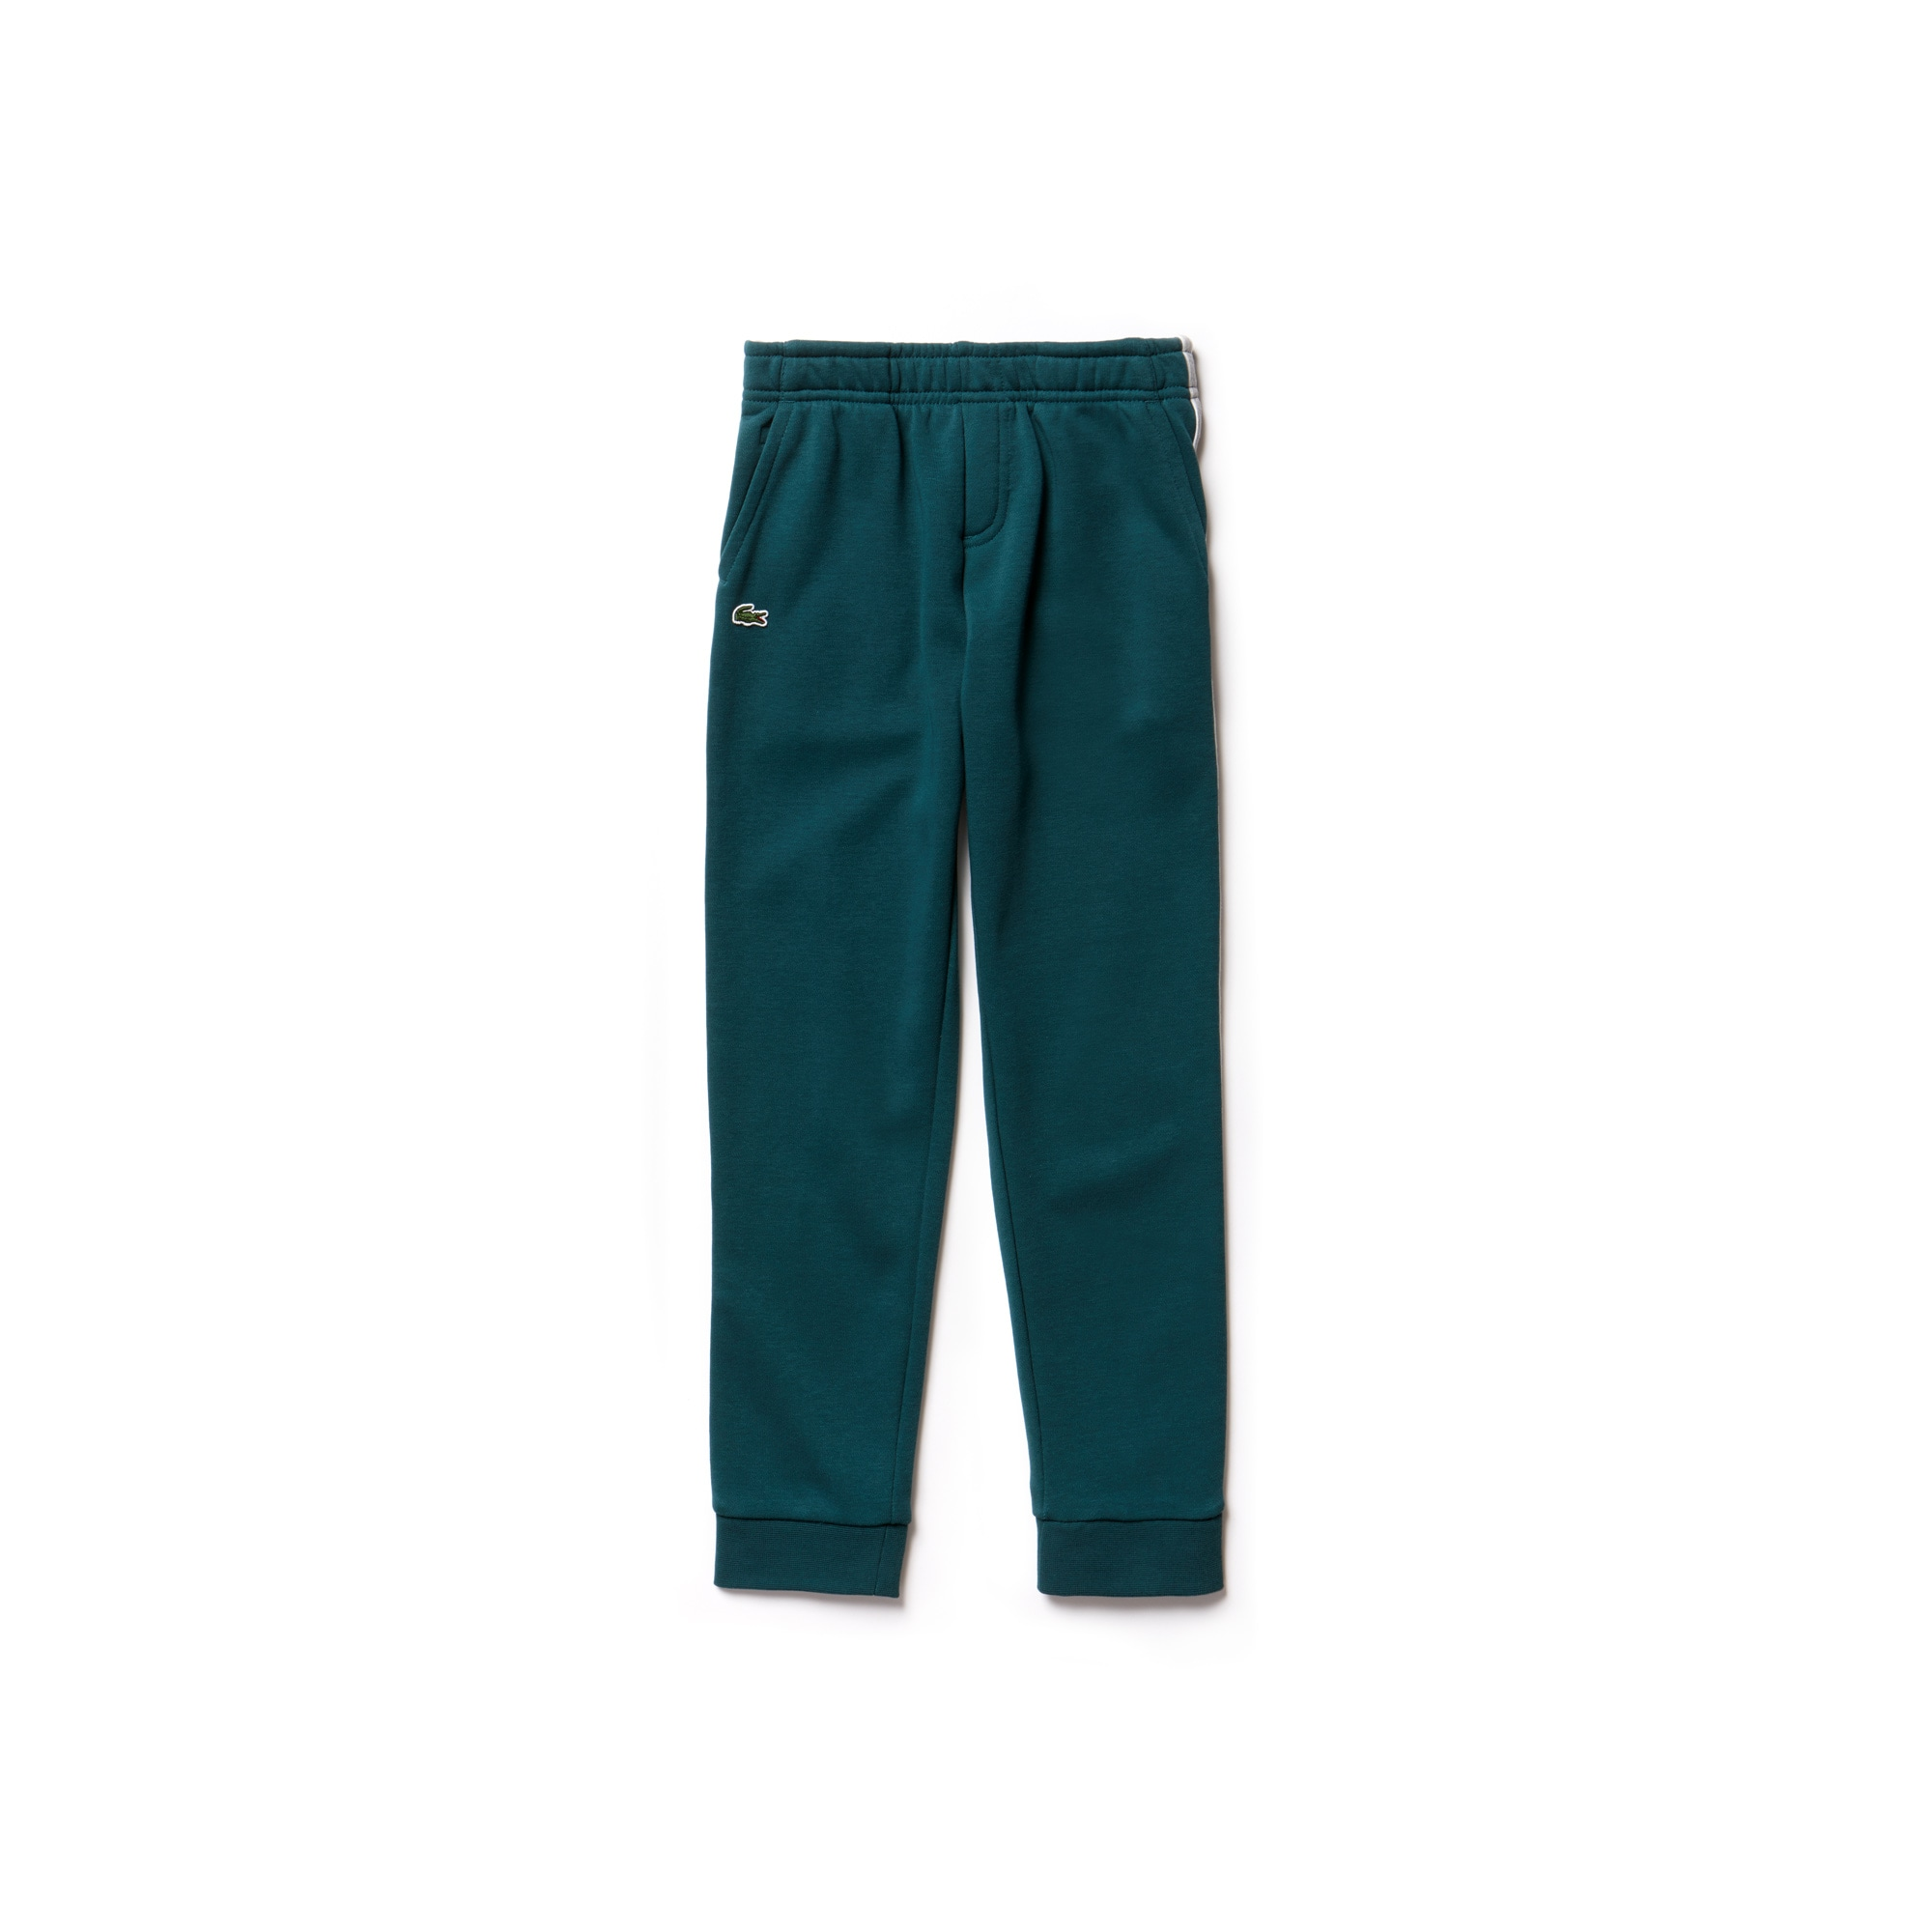 Pantaloni tuta Bambino in mollettone con fasce laterali